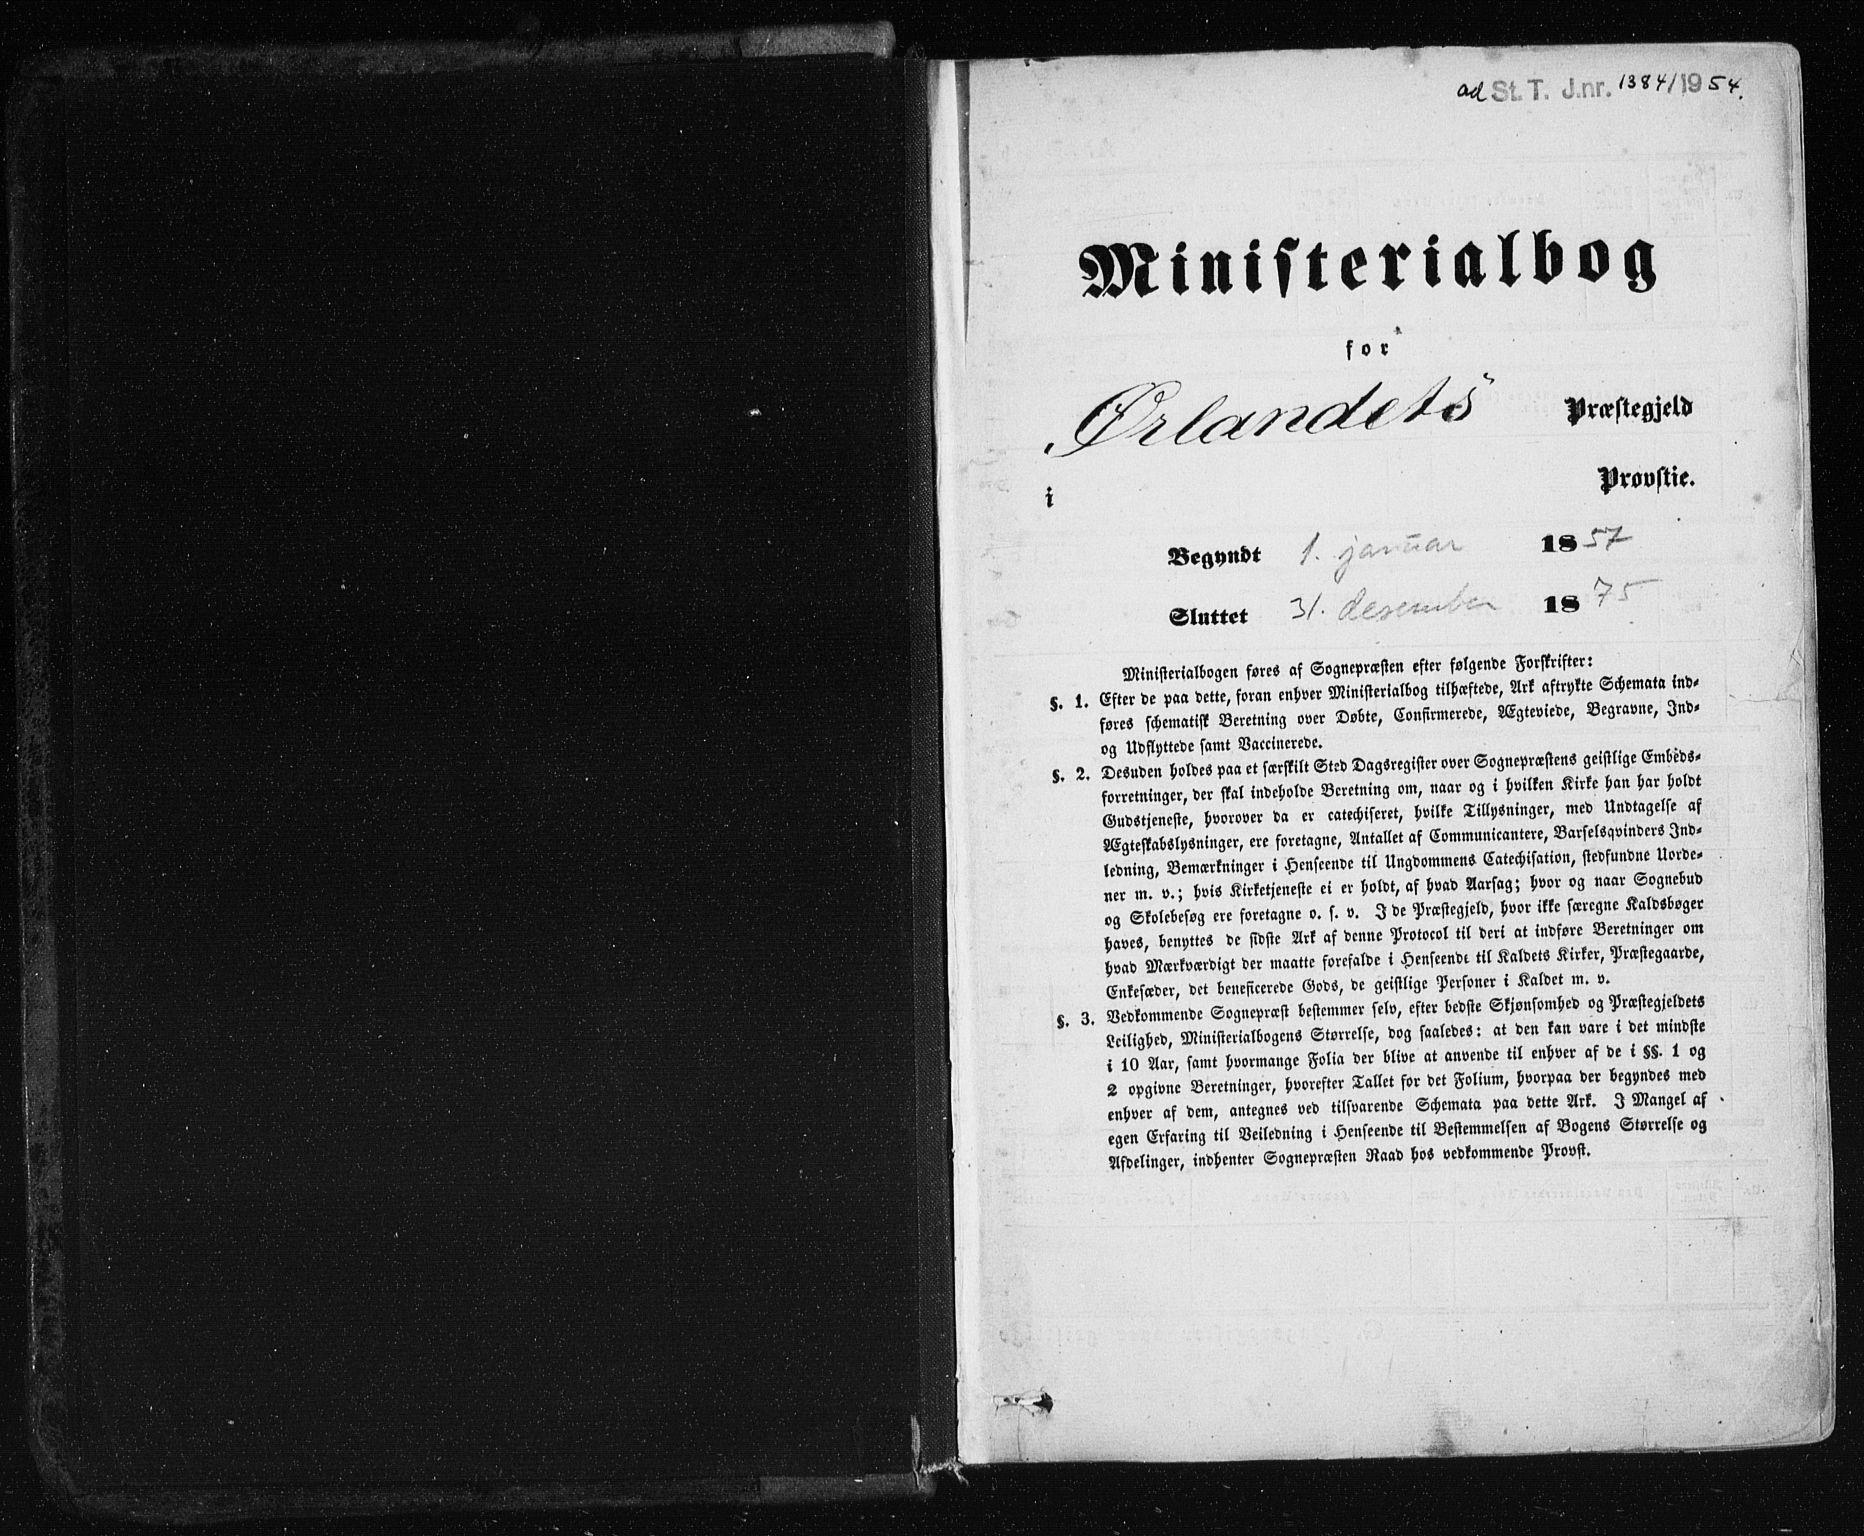 SAT, Ministerialprotokoller, klokkerbøker og fødselsregistre - Sør-Trøndelag, 659/L0737: Ministerialbok nr. 659A07, 1857-1875